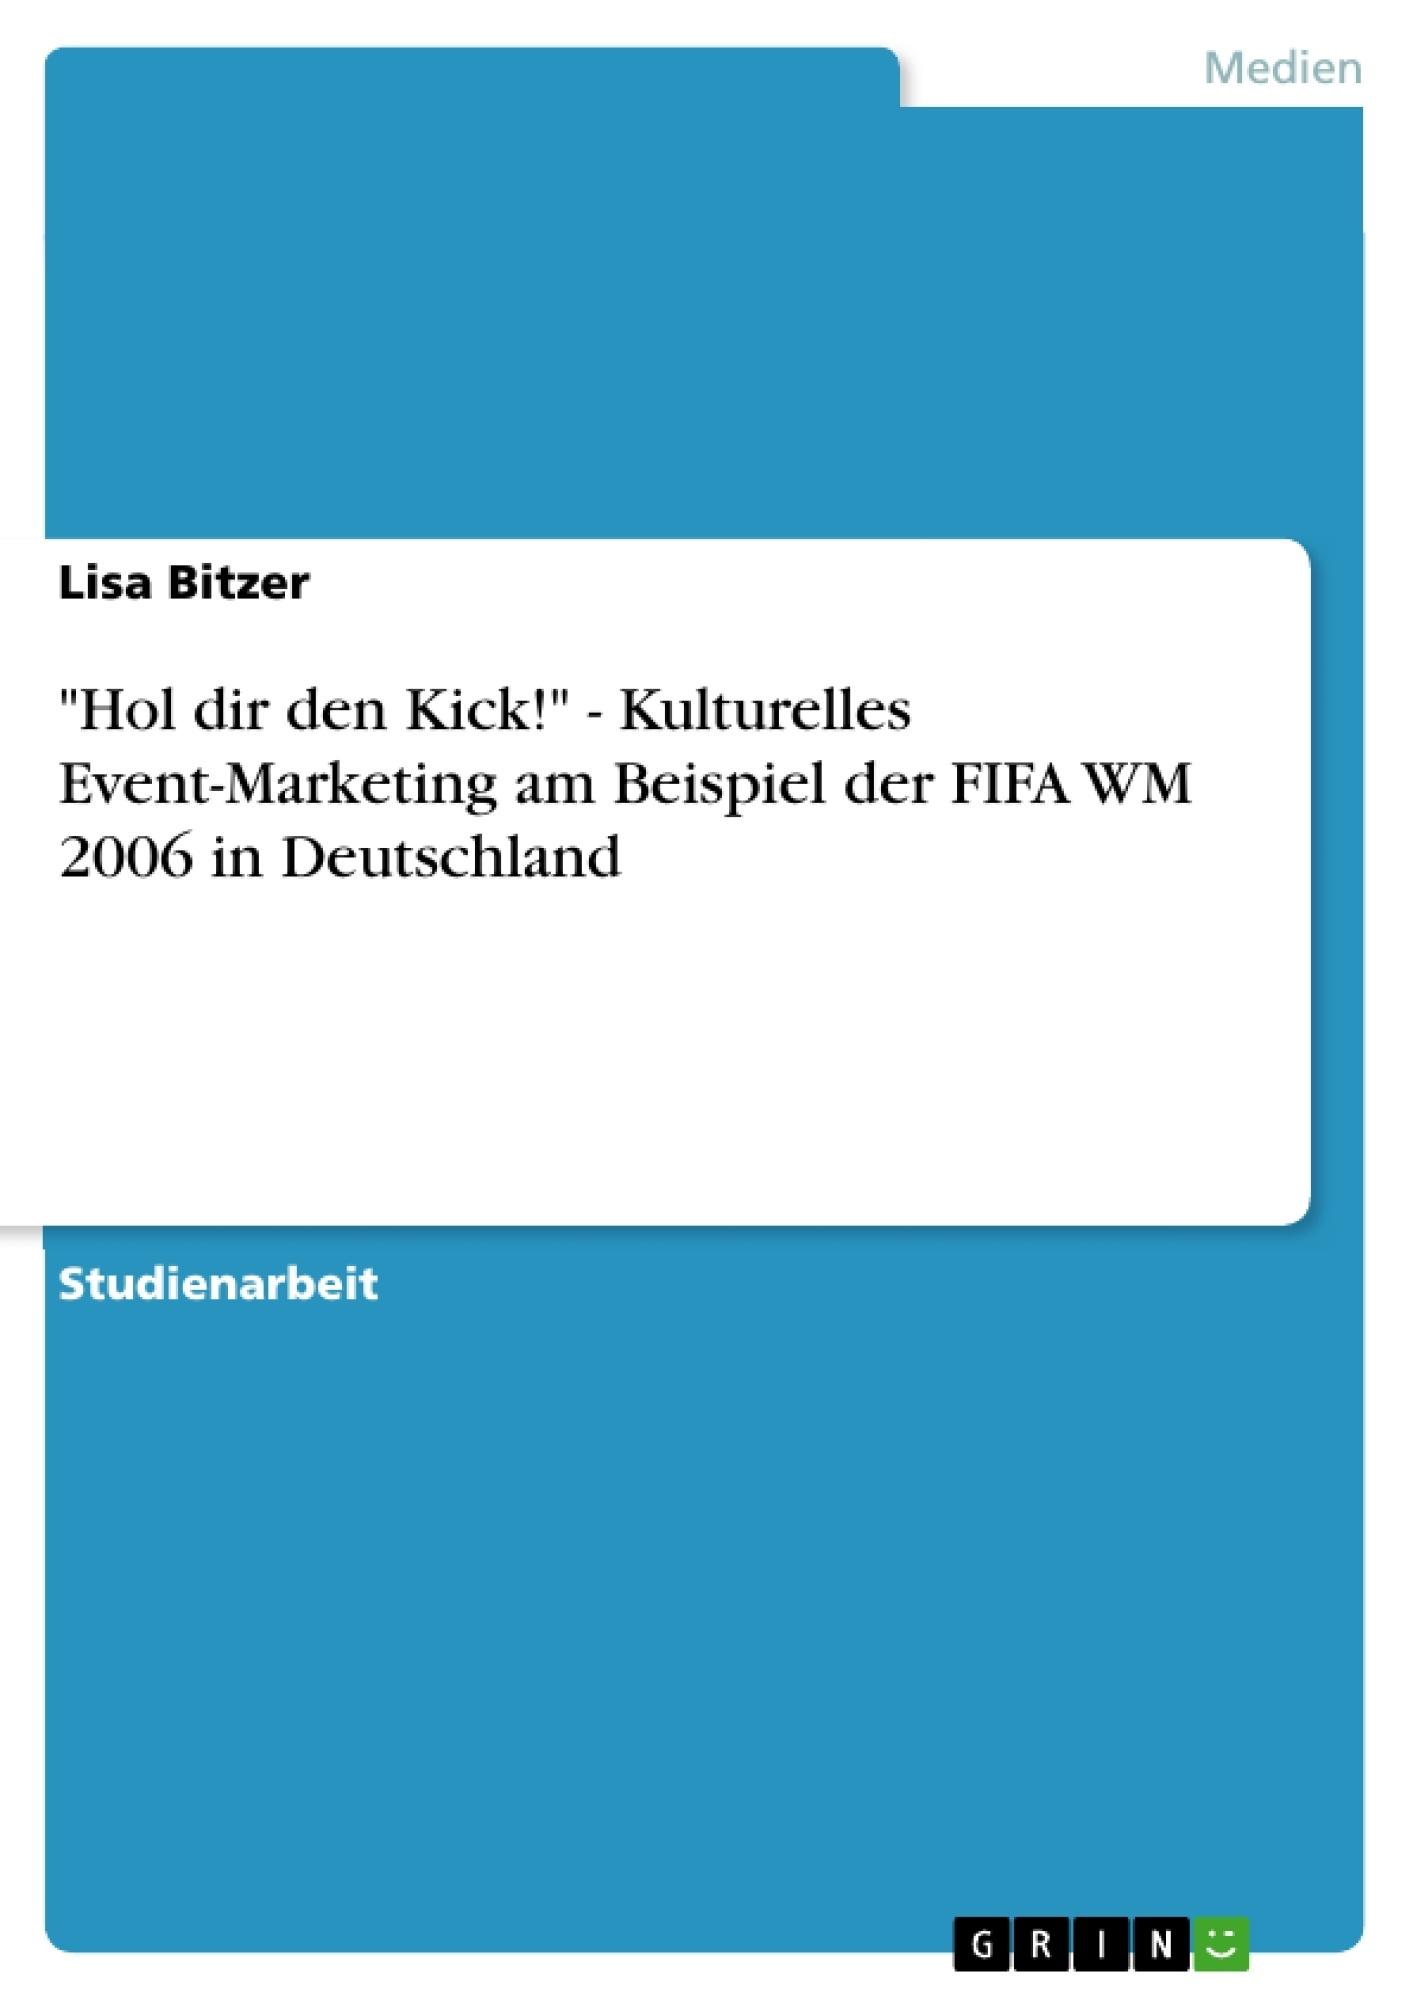 """Titel: """"Hol dir den Kick!"""" - Kulturelles Event-Marketing am Beispiel der FIFA WM 2006 in Deutschland"""